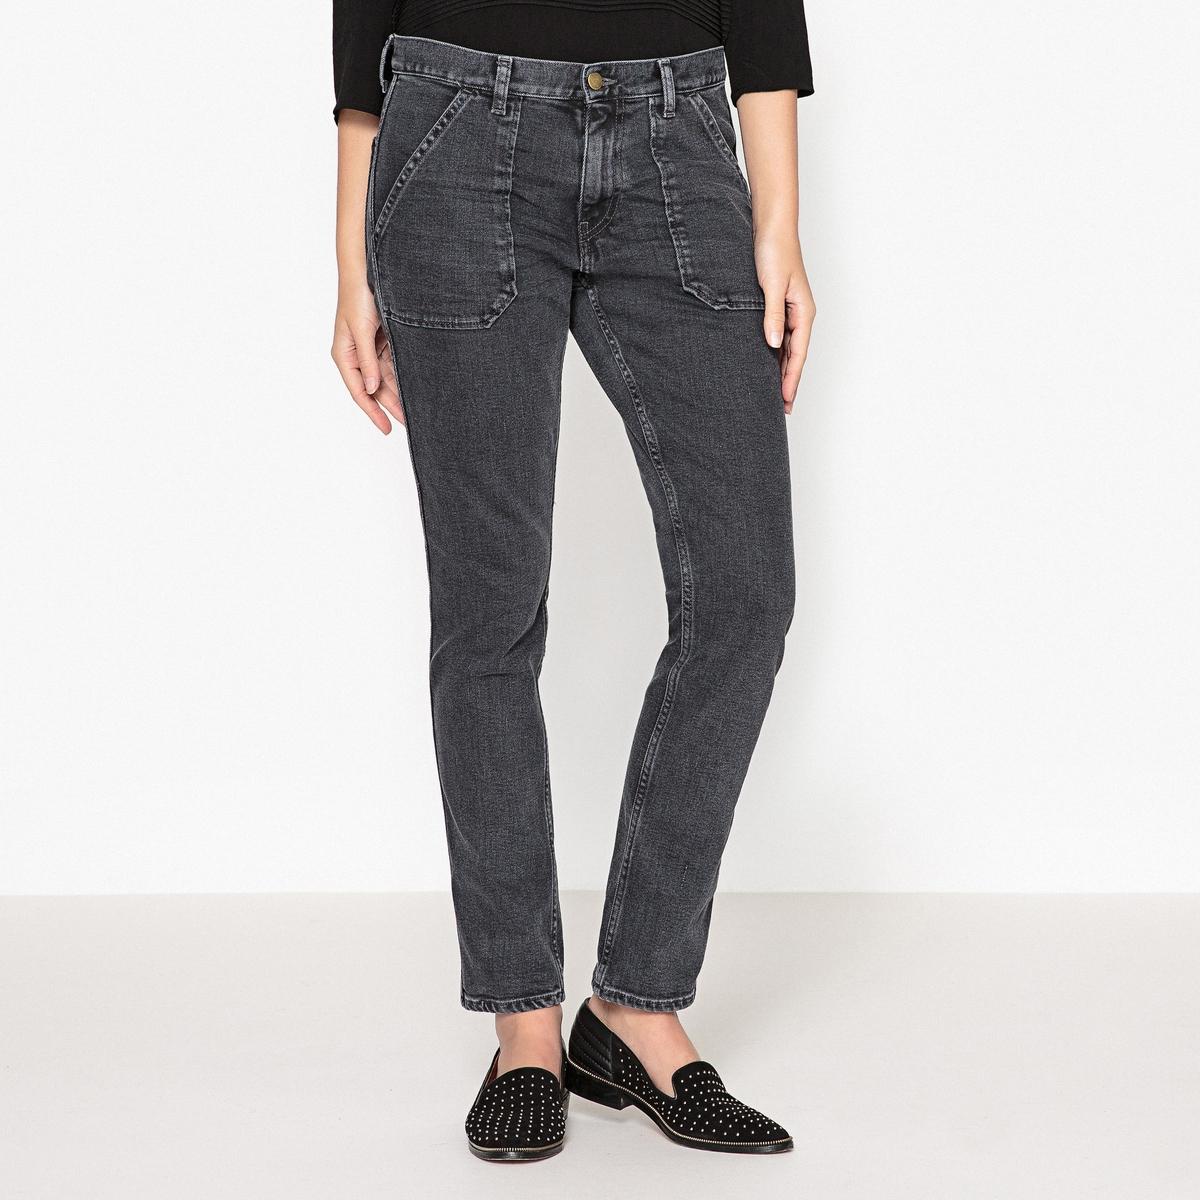 Джинсы из денима из хлопка стретч SALLY джинсы расклешенного покроя из денима стретч